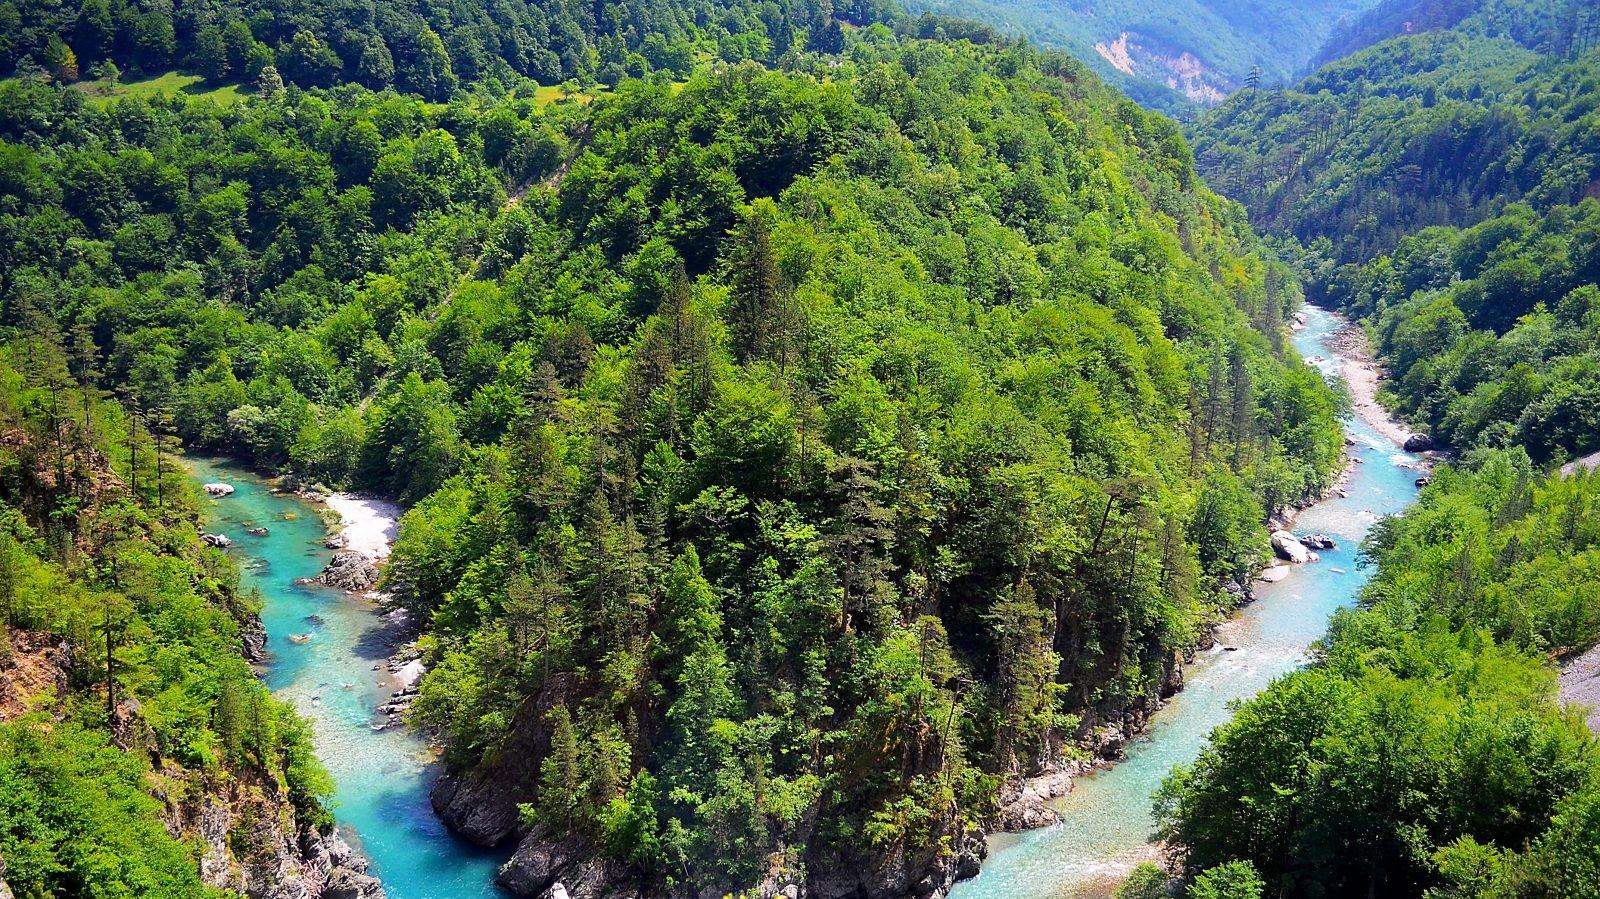 каньон тара черногория фото писатели это писатели